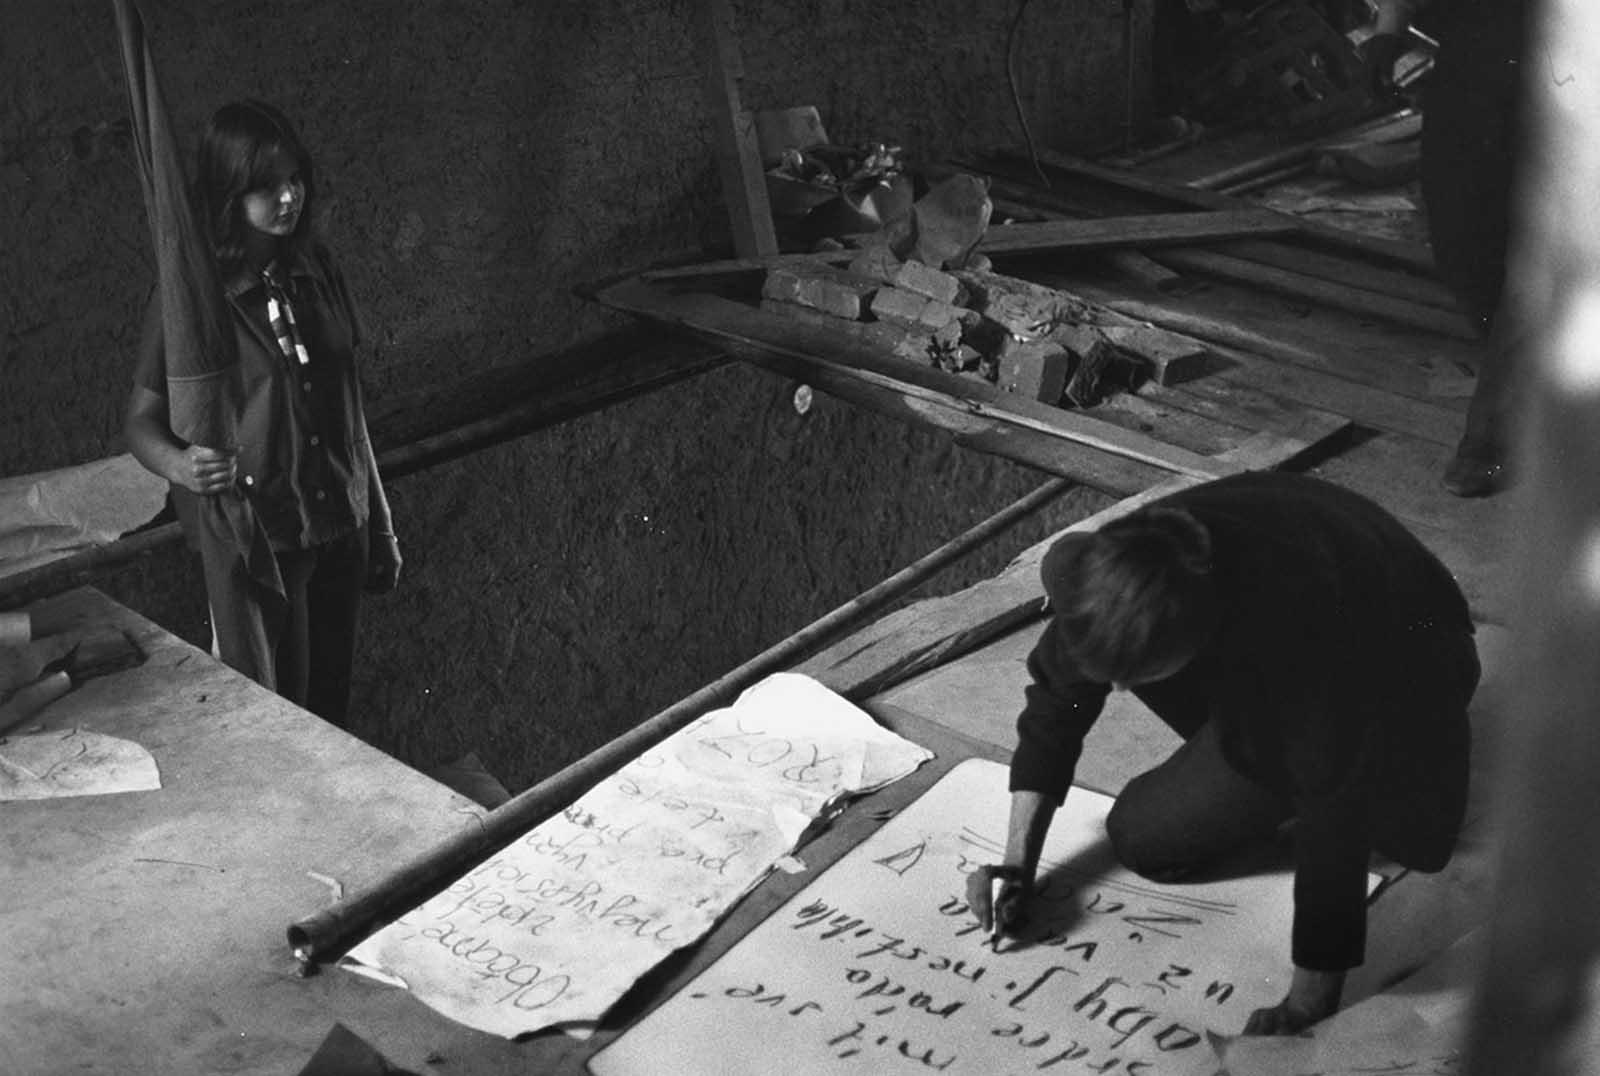 Los estudiantes del movimiento clandestino fabrican carteles antirrusos el 3 de septiembre de 1968 en Praga.